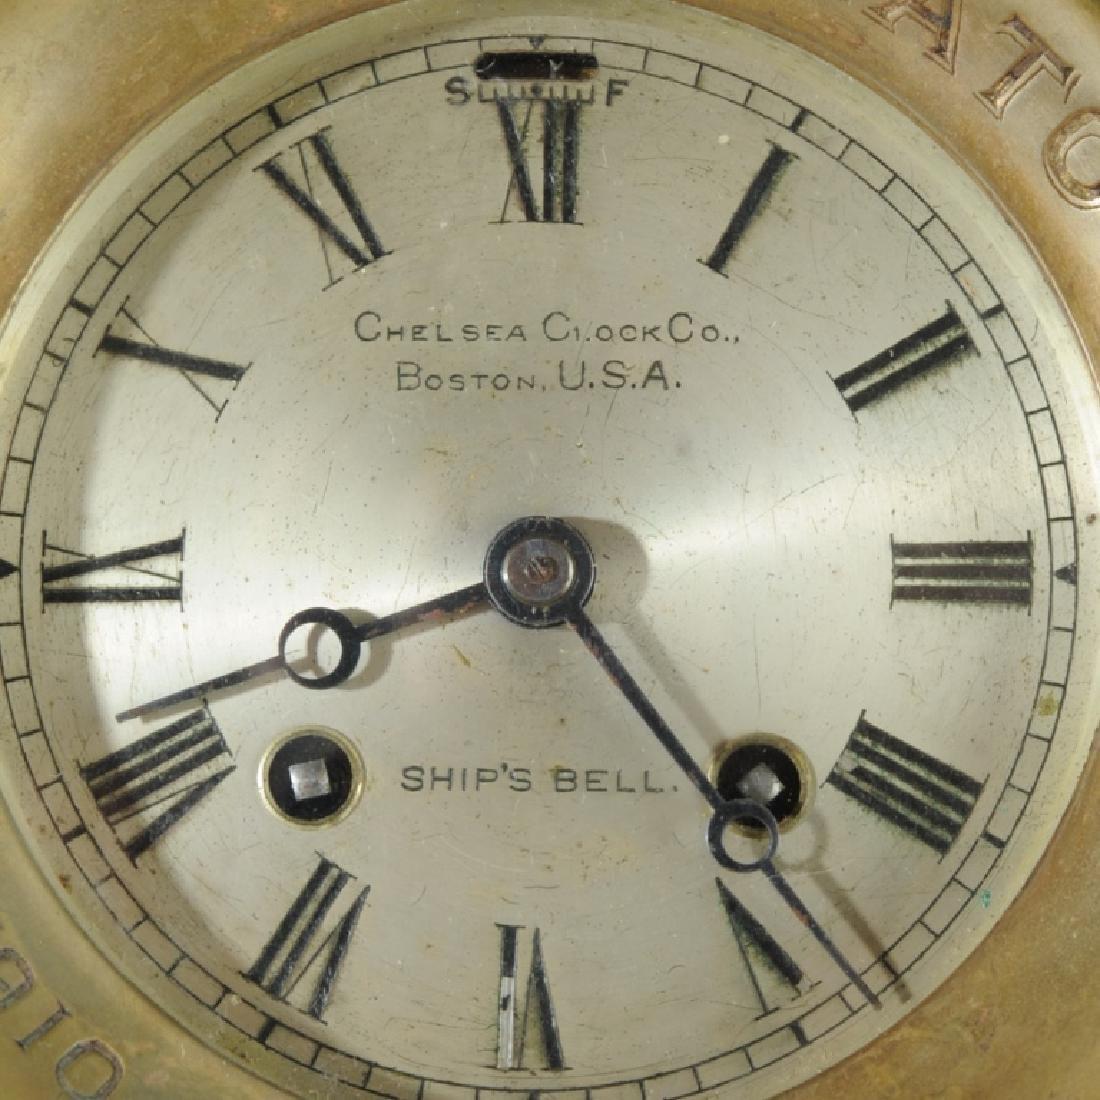 1910 Chelsea Ship's Bell Clock for the Natoya - 2